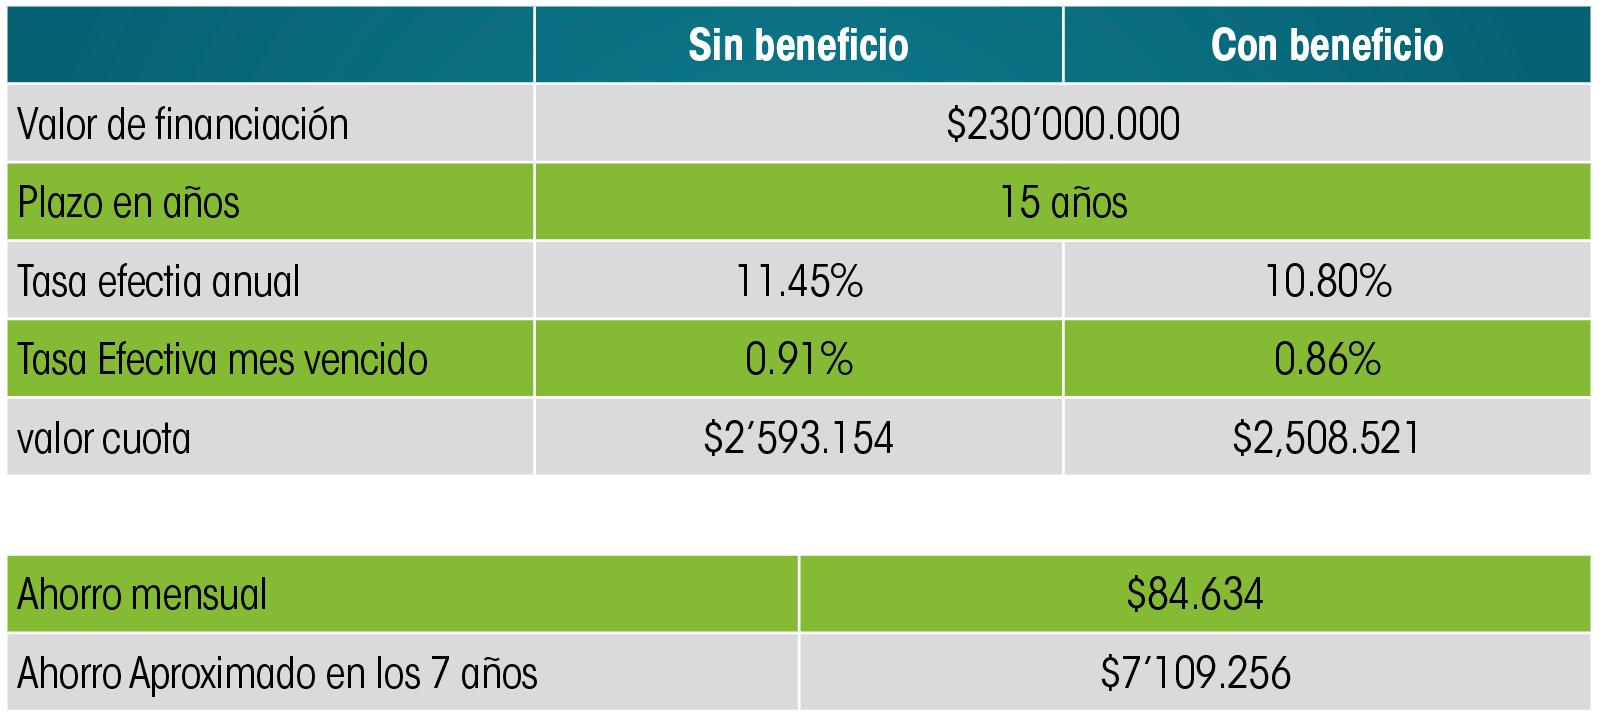 credito-hipotecario-vivienda-sostenible2